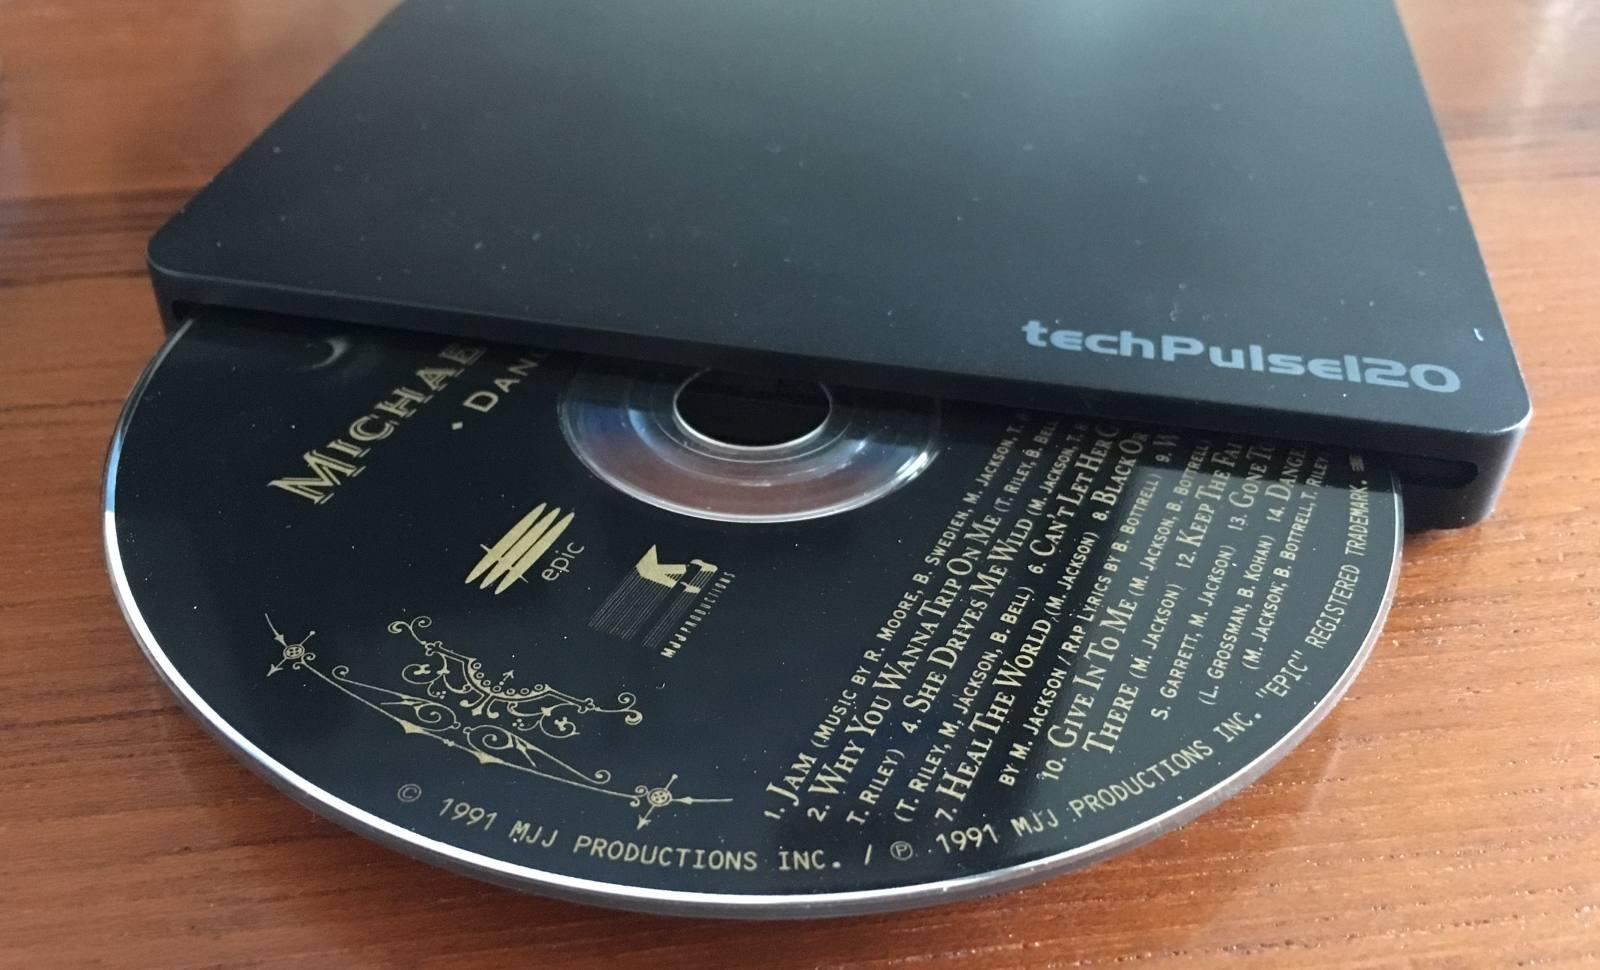 Mit einem externen CD-ROM könnt Ihr CDs auch auf Systemen ohne eigenes Laufwerk rippen. (Bild: Tutonaut)